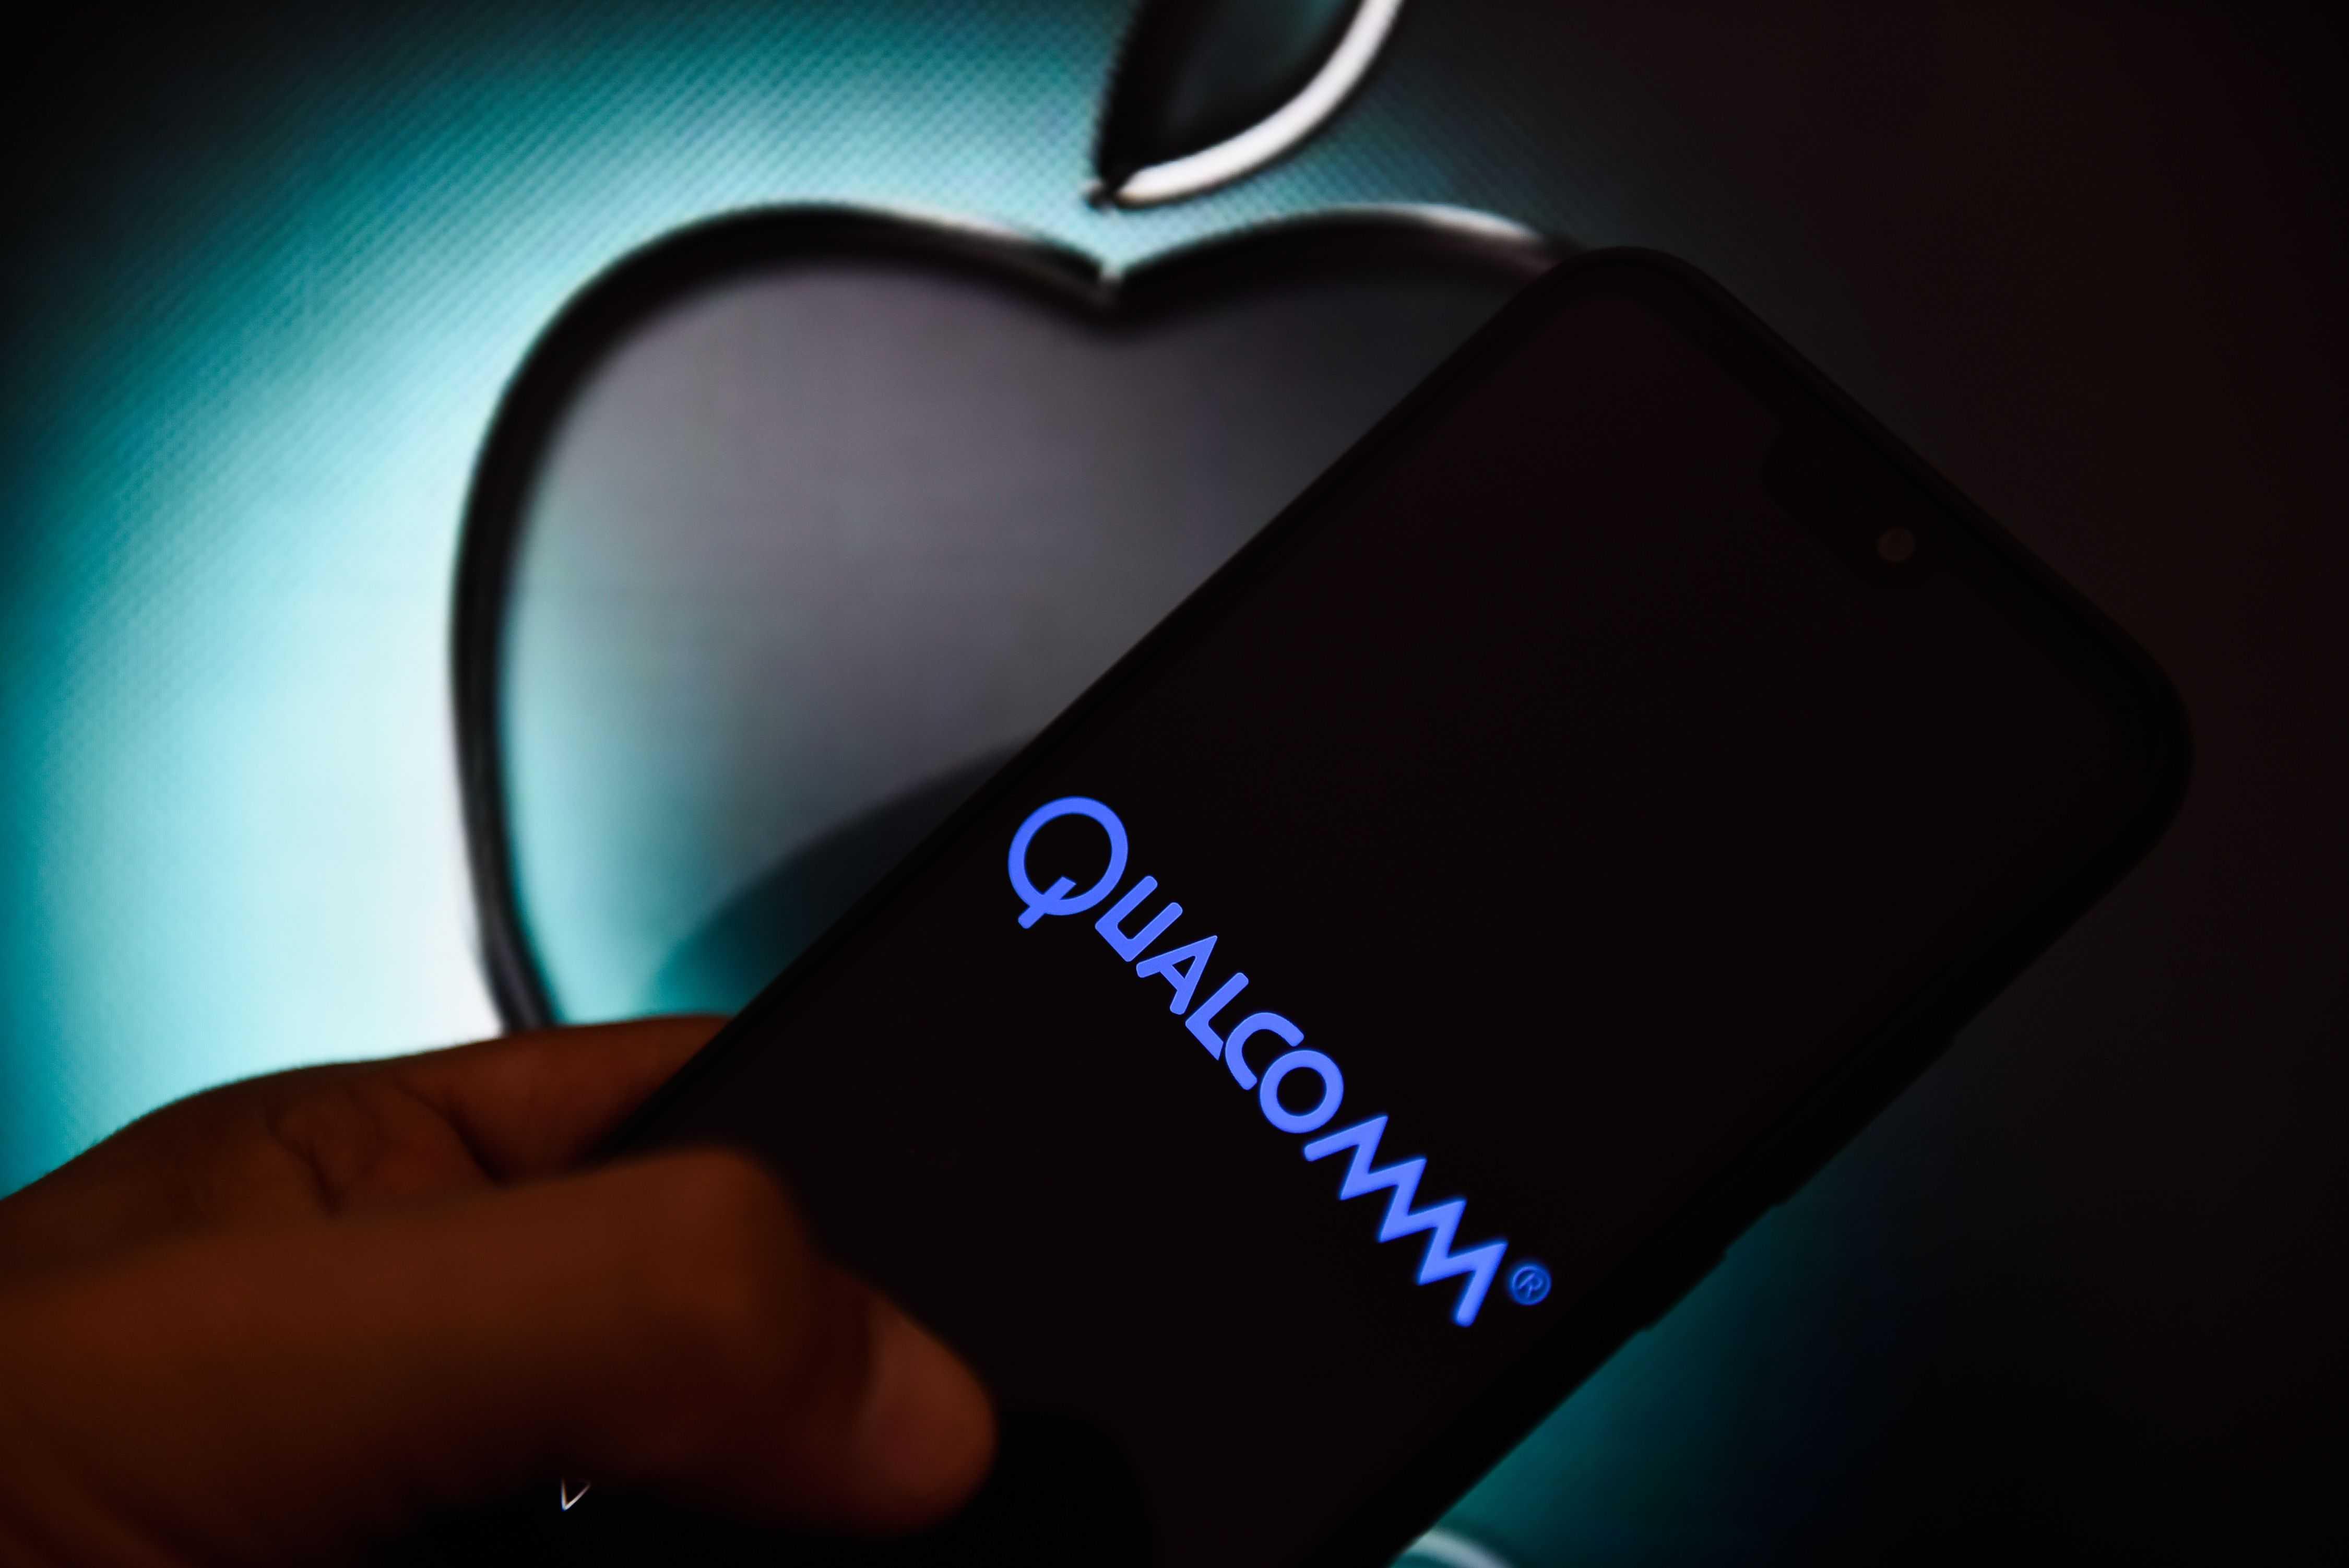 Мгту баумана остается без windows: microsoft отказалась поставлять ему свое по - cnews